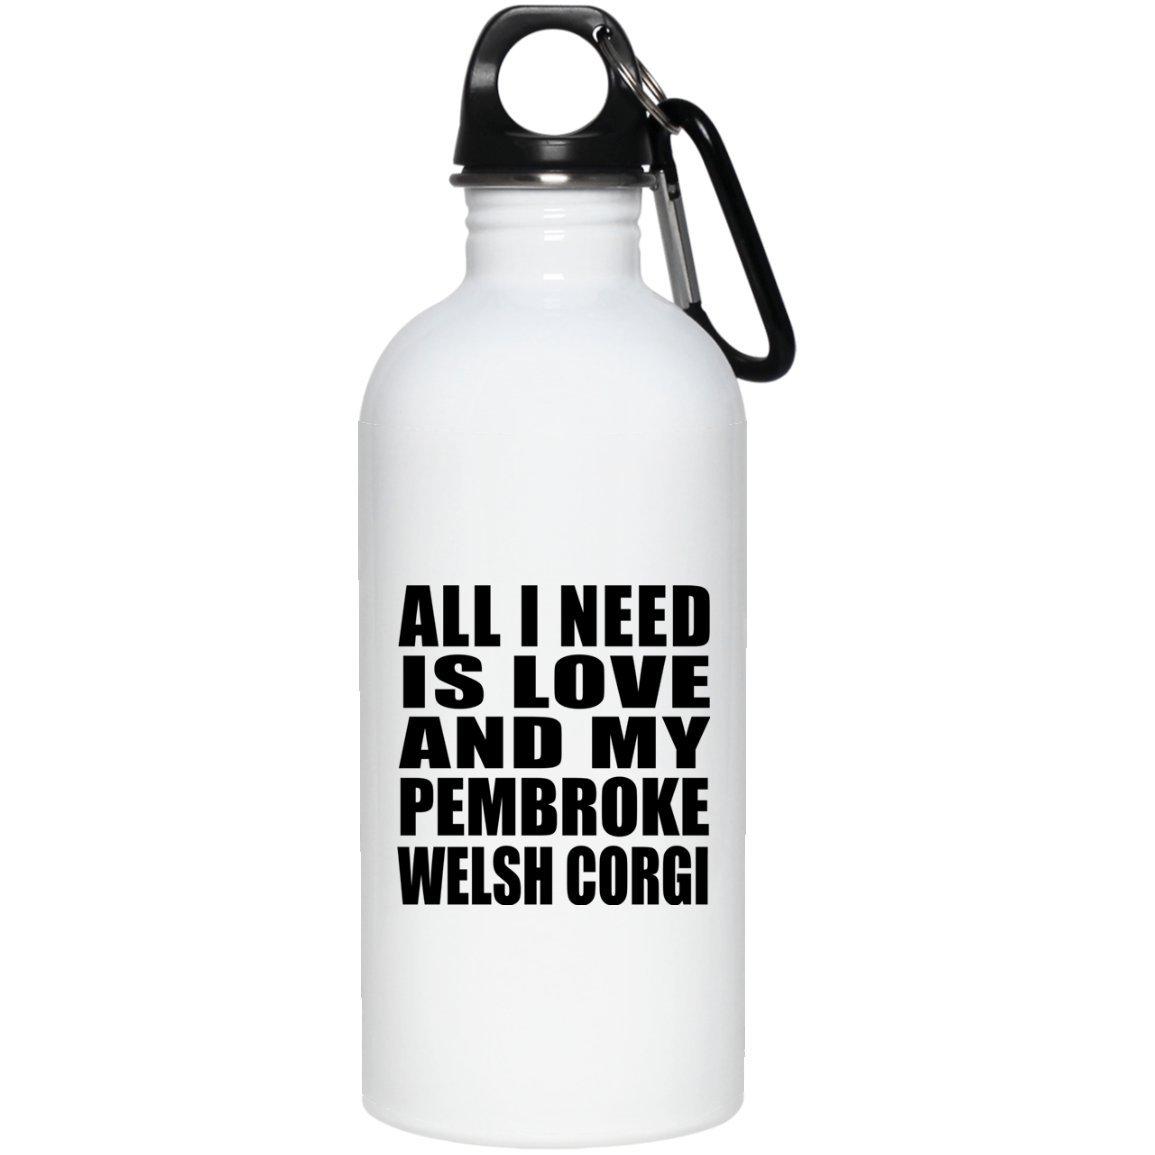 all I Need Is Love And My Pembroke Welsh Corgi - Water Bottle Borraccia Acciaio Inossidabile Termico - Regalo per Compleanno Anniversario Festa della Mamma del papà Pasqua